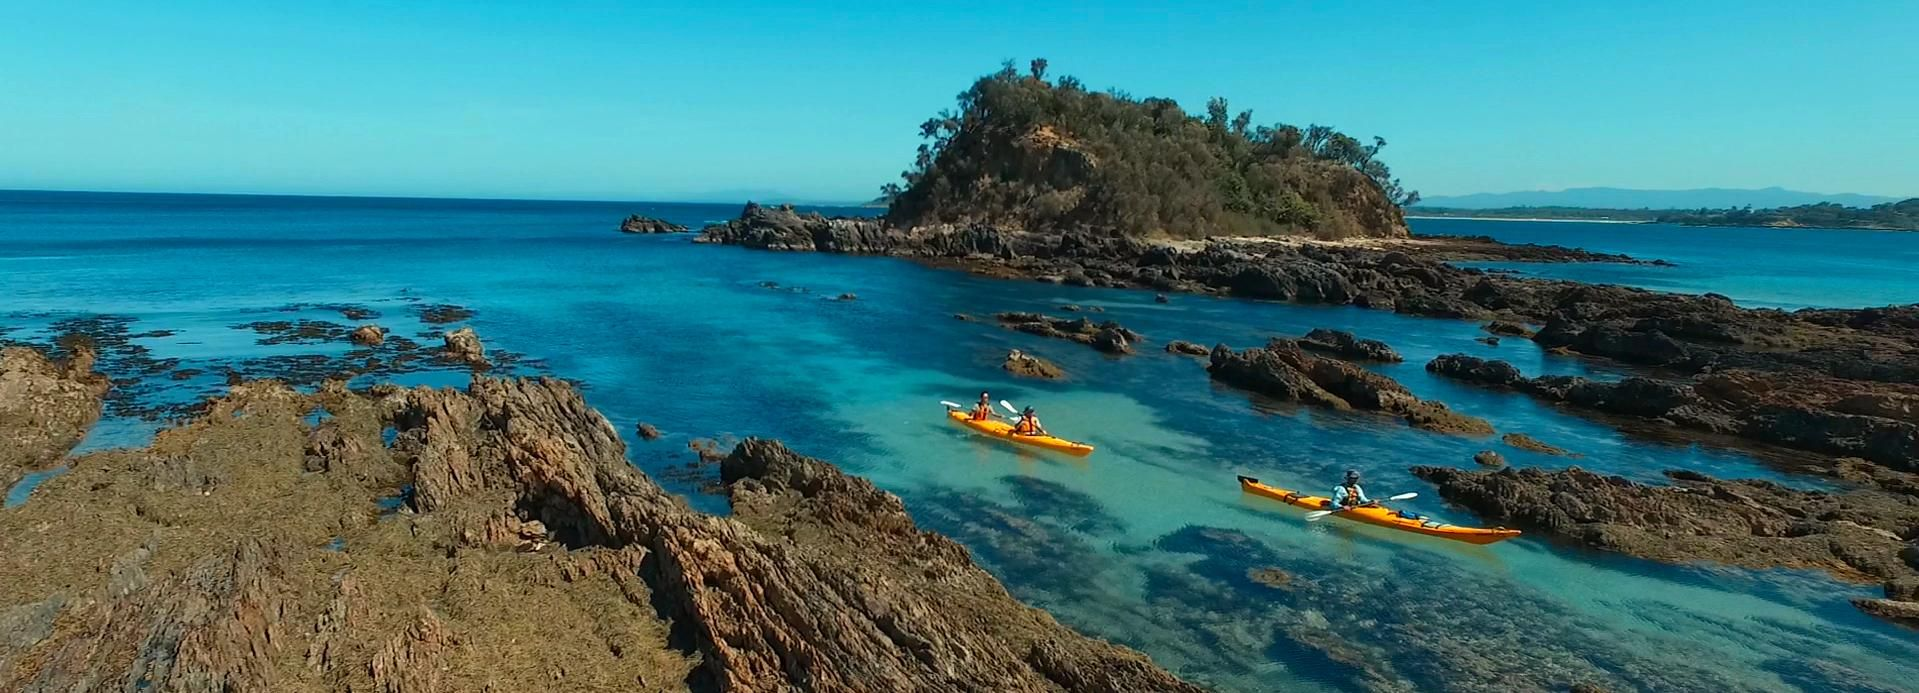 Batemans Bay: Half-Day Sea Kayak Tour